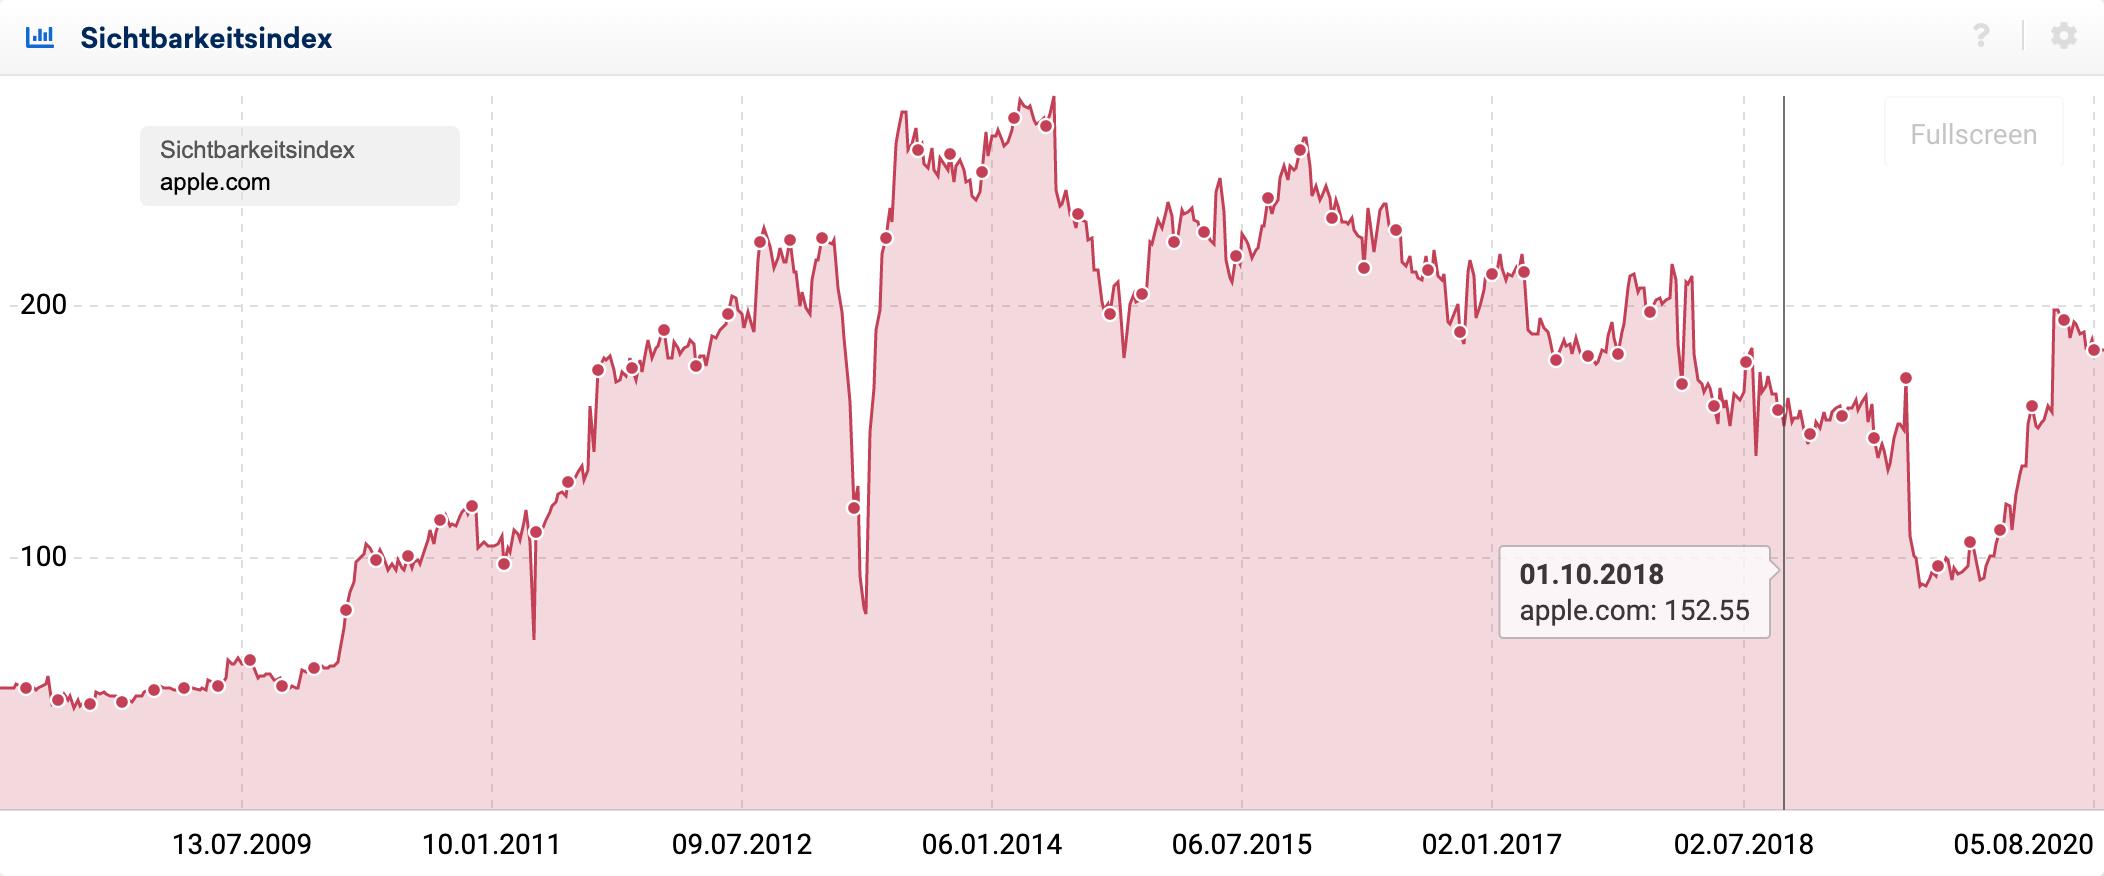 Screenshot eines Sichtbarkeitsindex-Verlaufs für die Domain apple.com. Der Mauszeiger wird auf den 01.10.2018 gehalten, wo dann der Sichtbarkeitindex Wert für dieses Datum angezeigt wird.